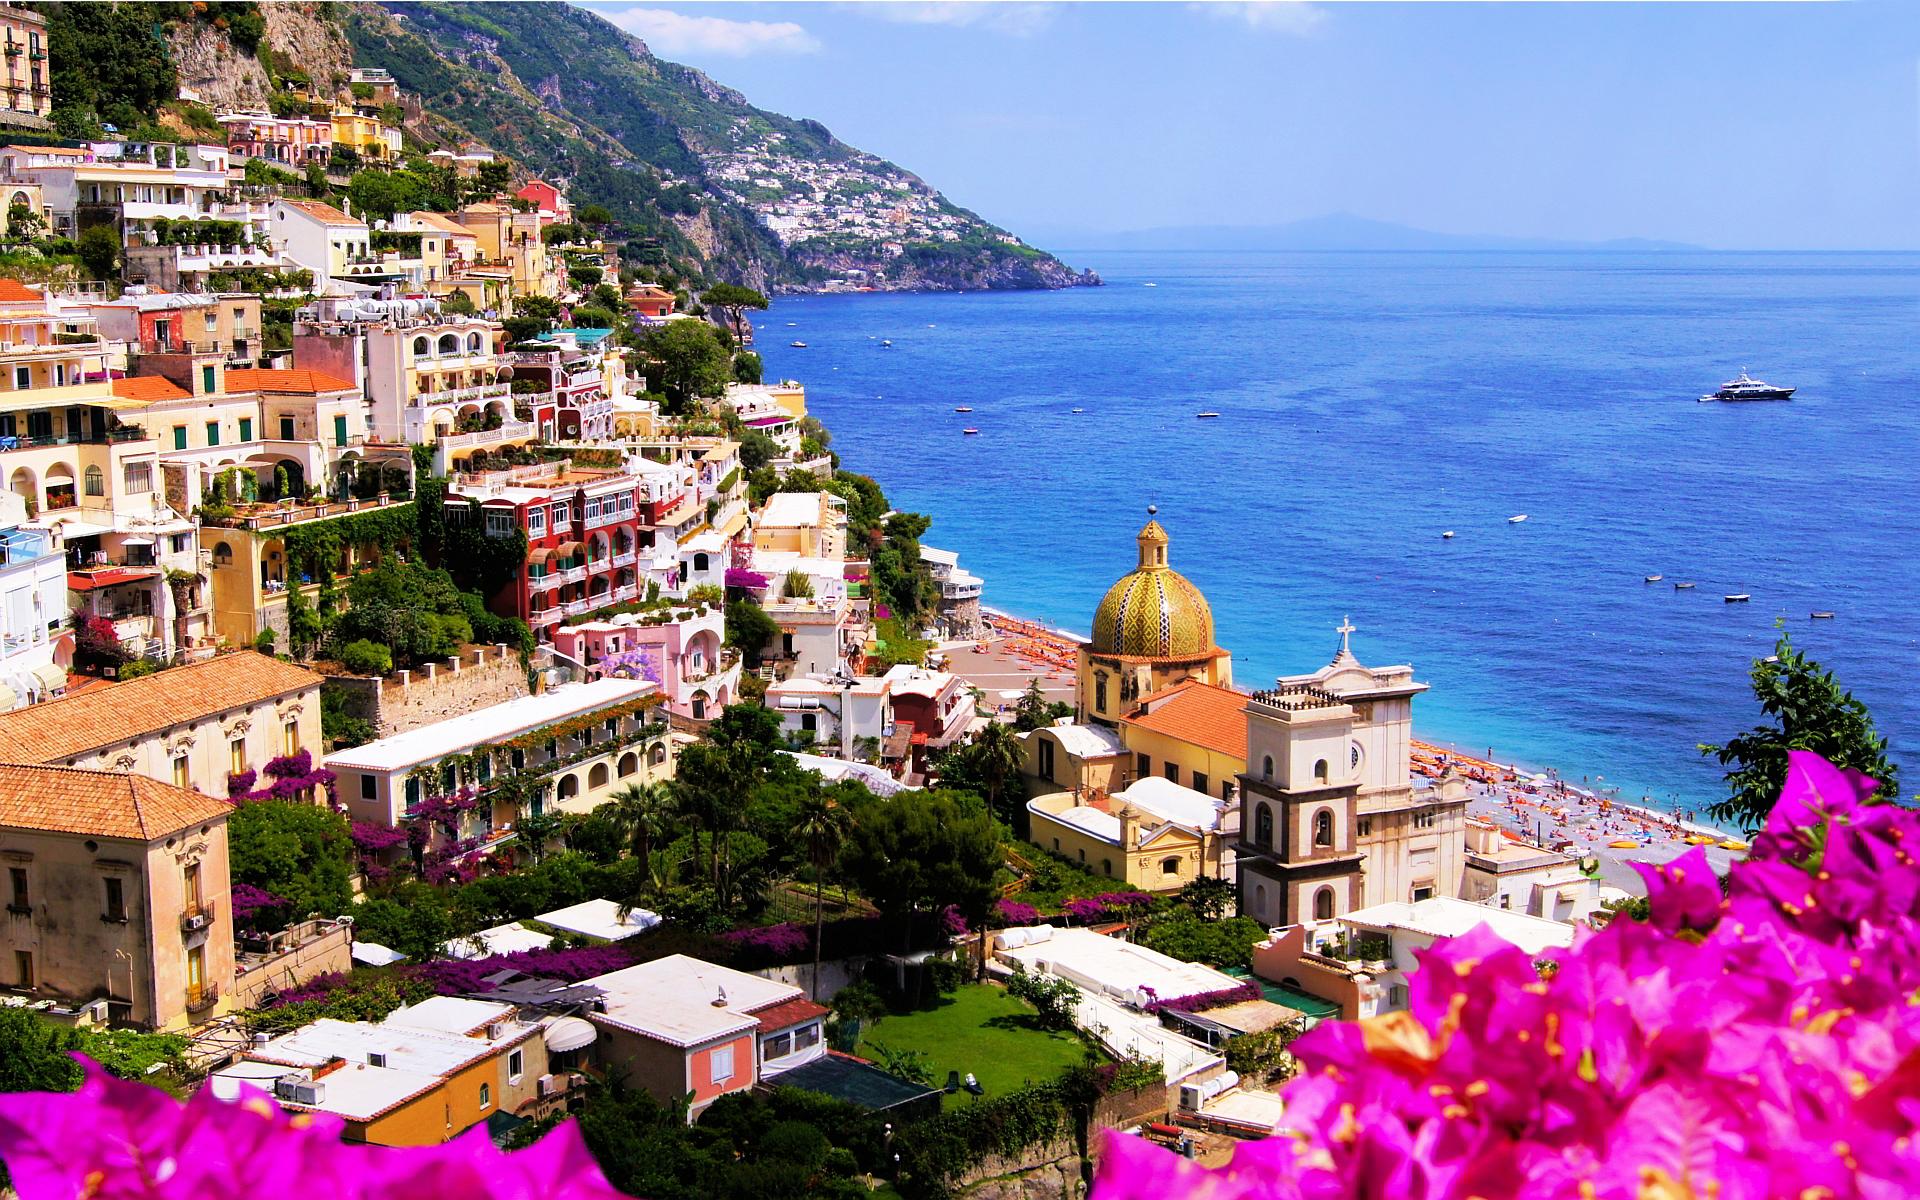 Amalfi campania italy